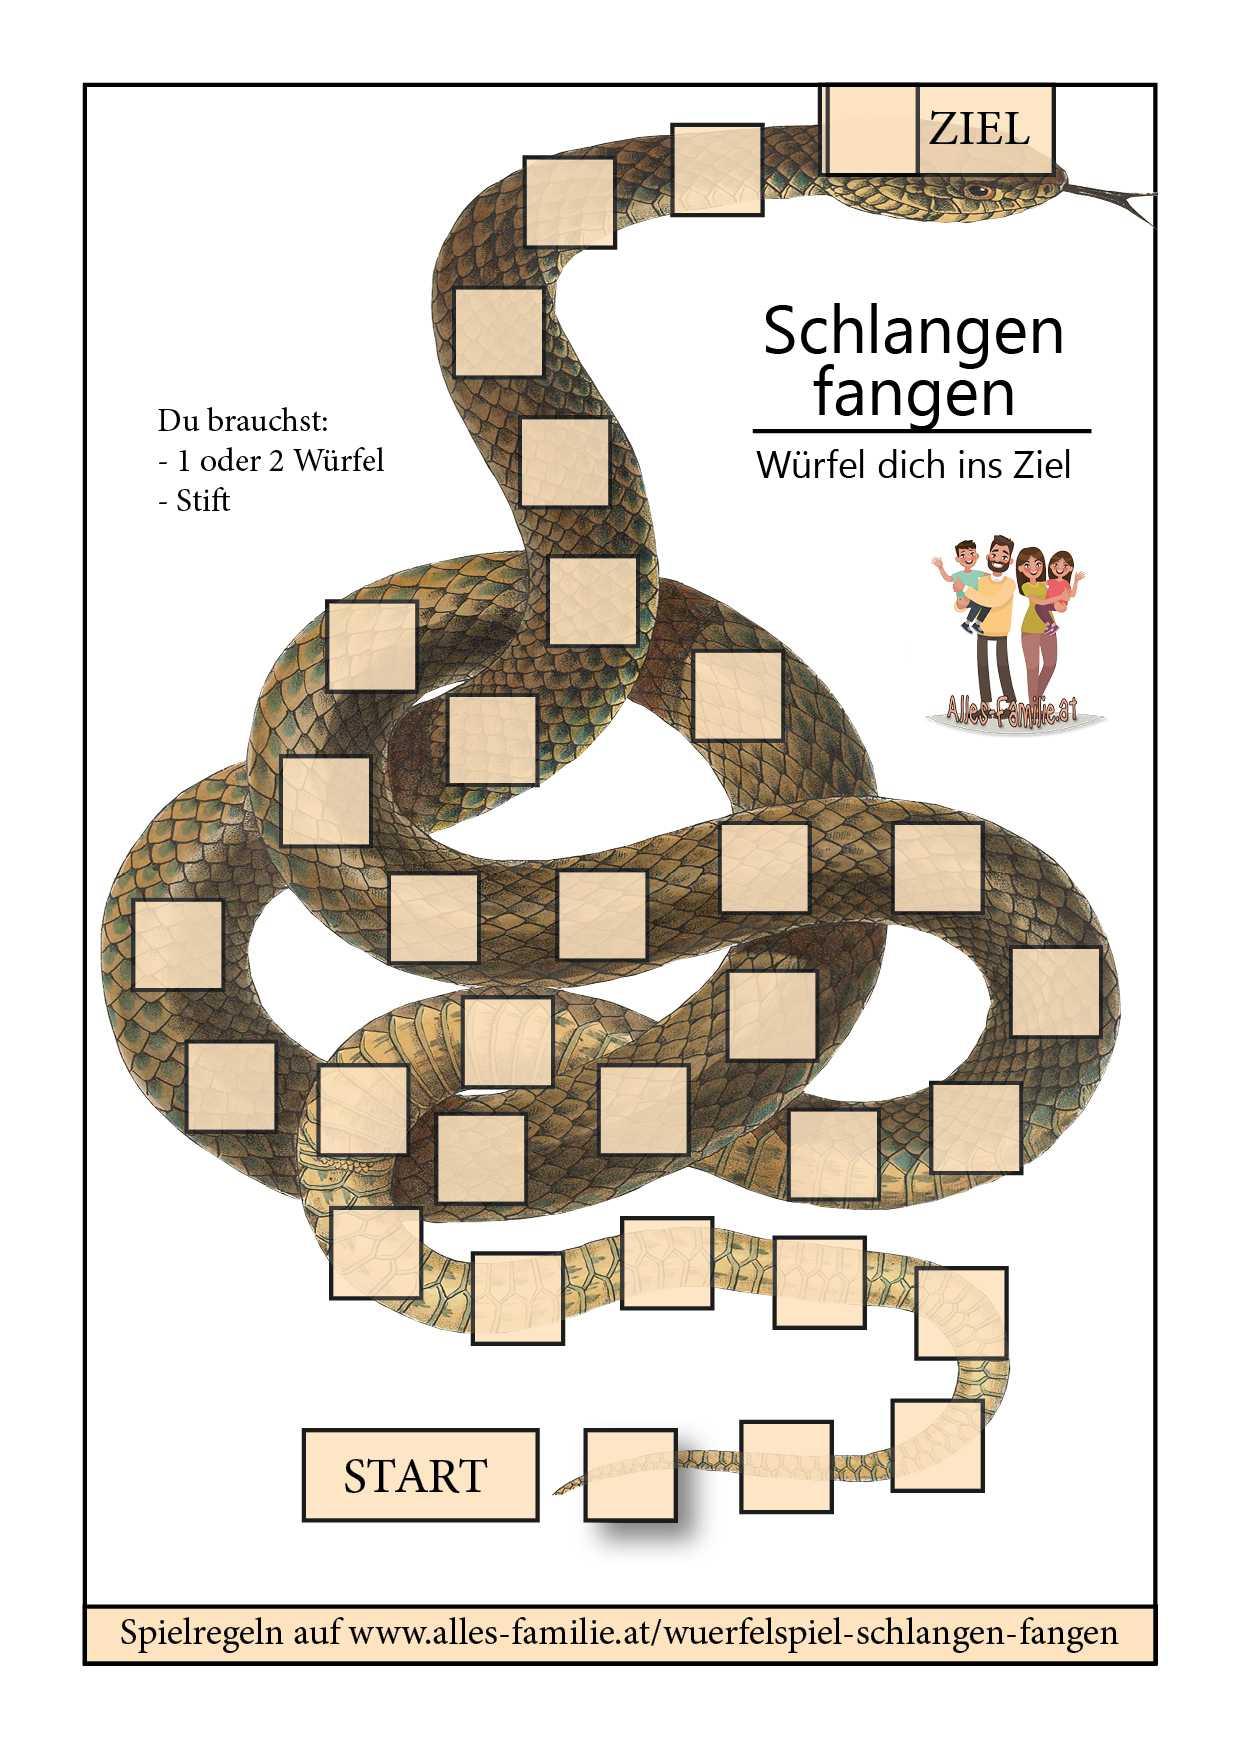 Würfelspiel für Kinder | Schlangen fangen